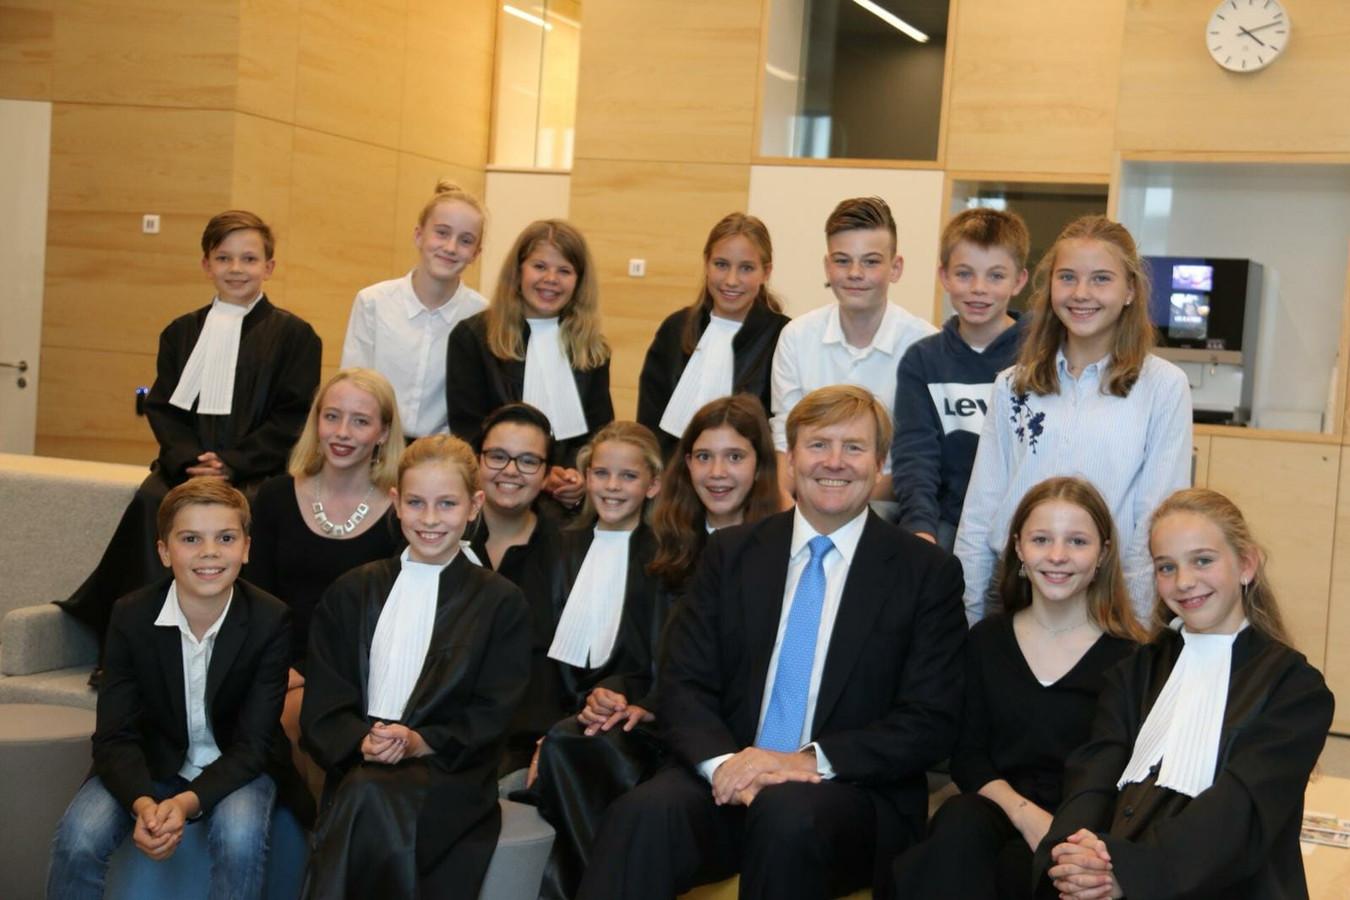 Koning Willem-Alexander op de foto met leerlingen van de tweede klas van het Stedelijk Gymnasium in Breda.